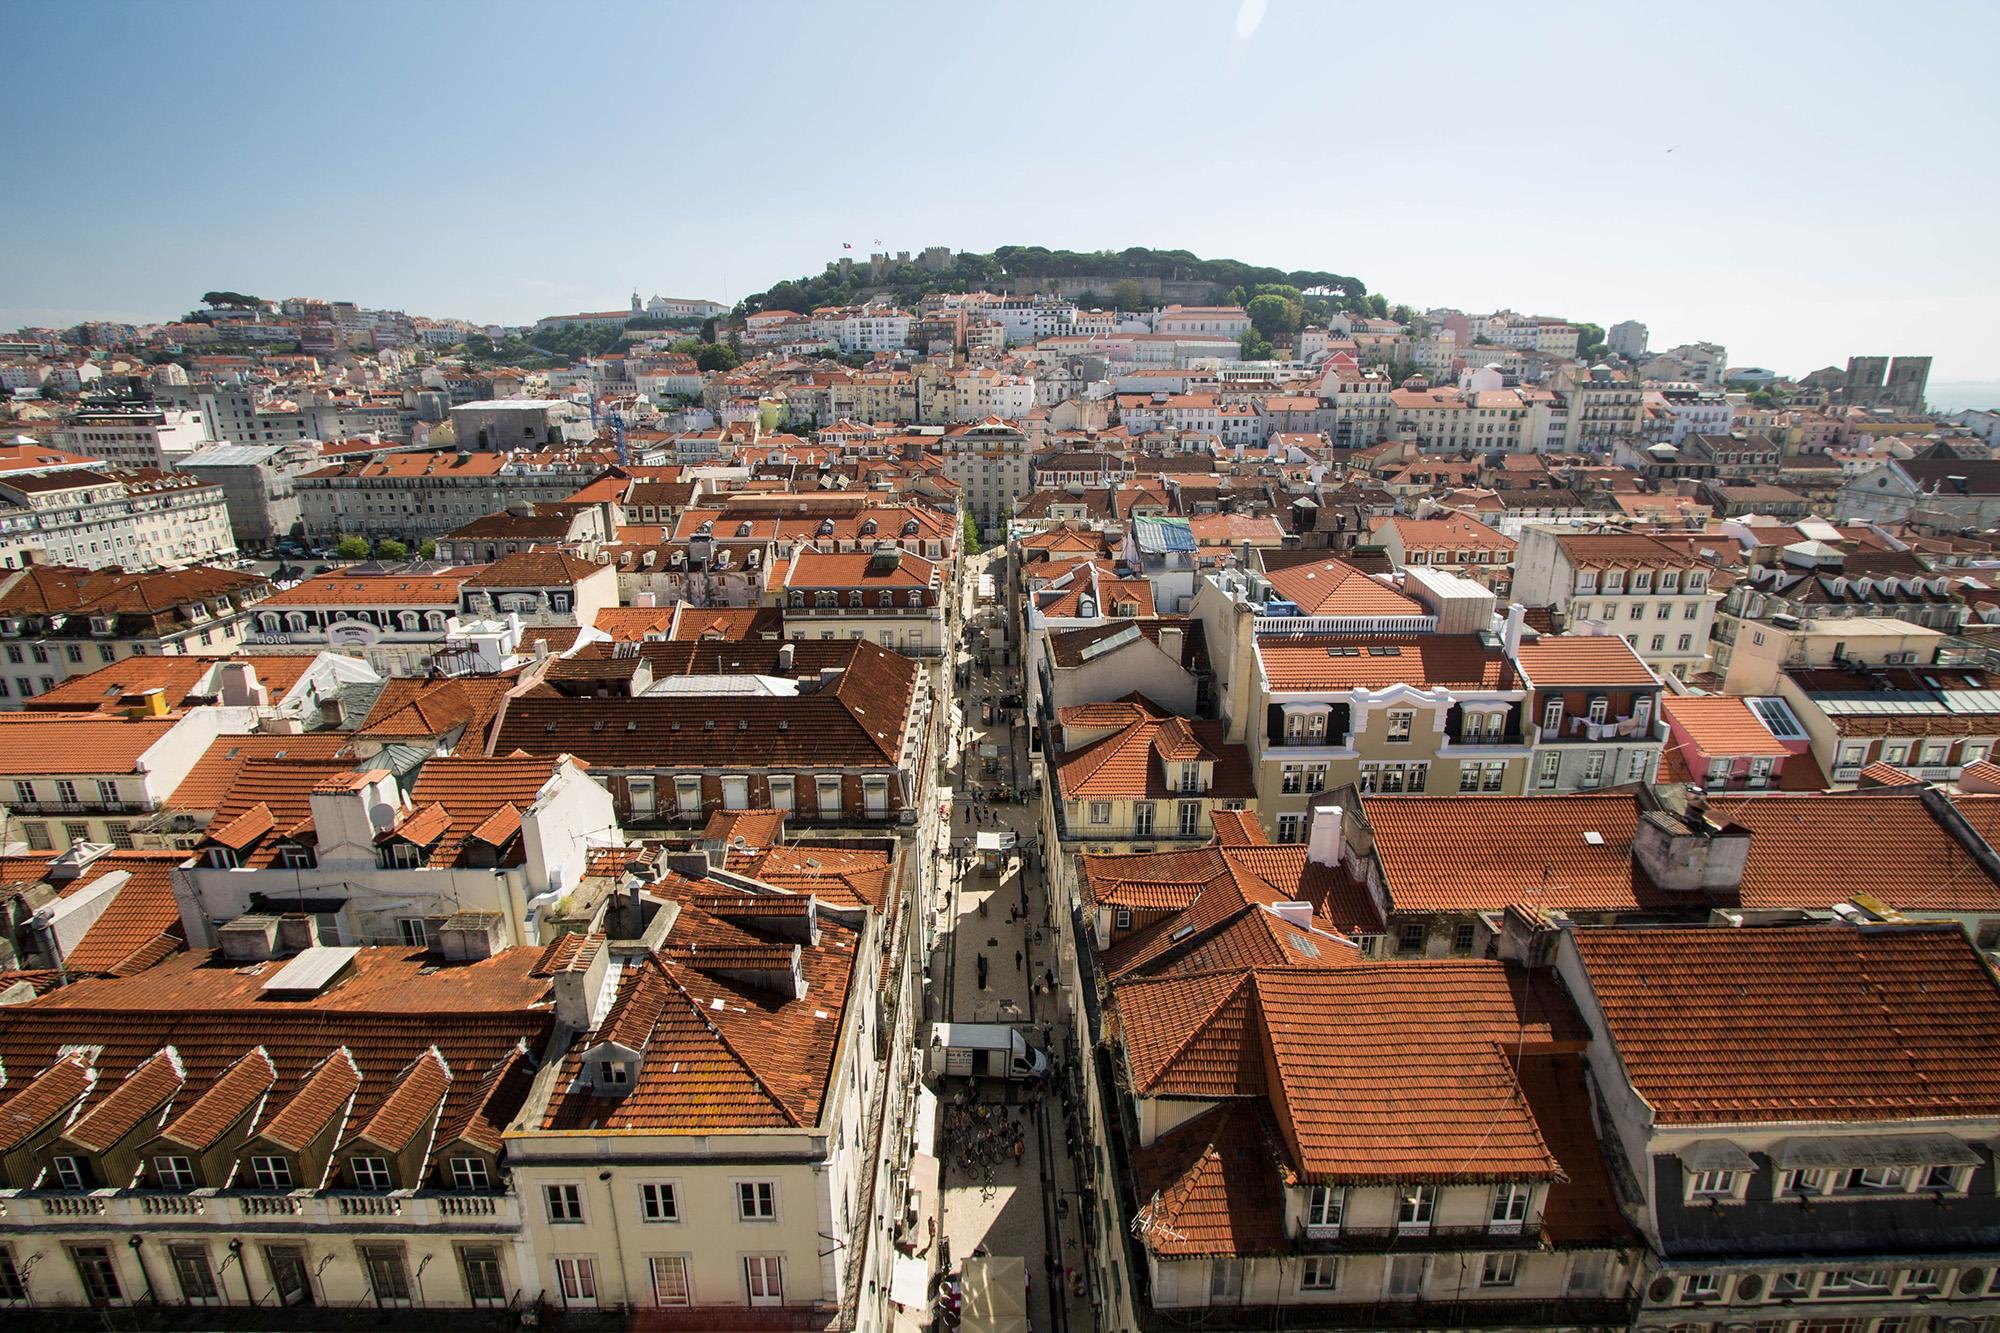 Lisbonne : 10 choses à voir - Belvédère de l'ascenseur de Santa Justa - Marie Naudon